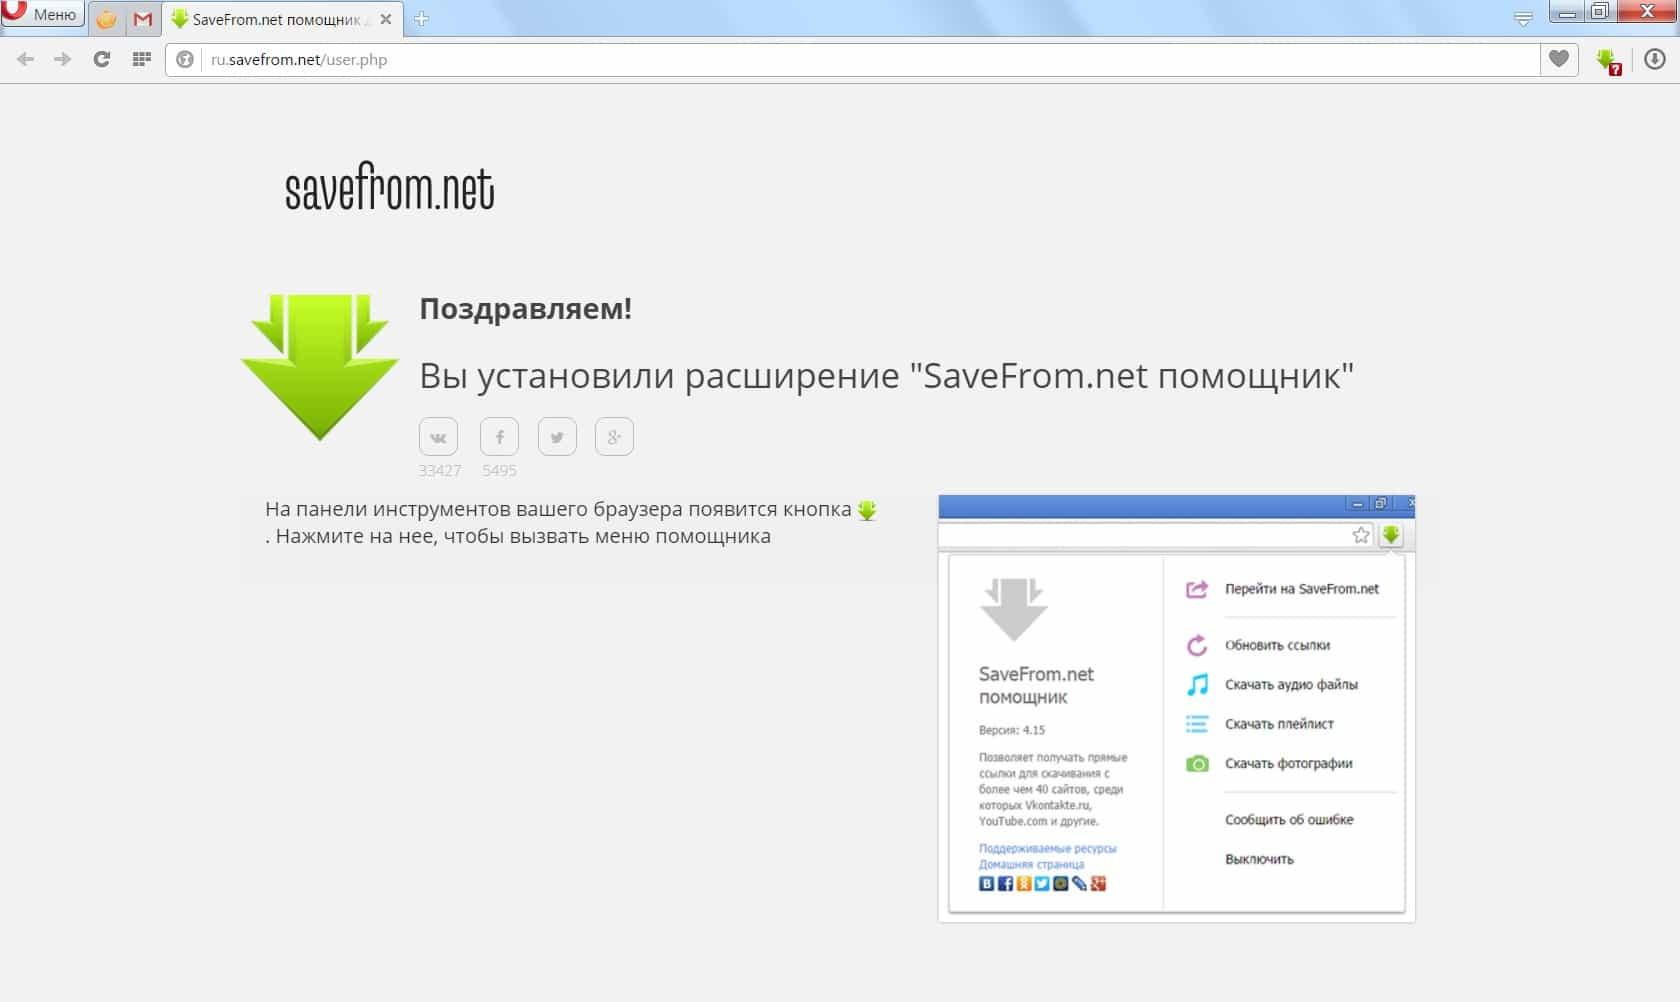 Отчет об успешной установке Savefrom.net